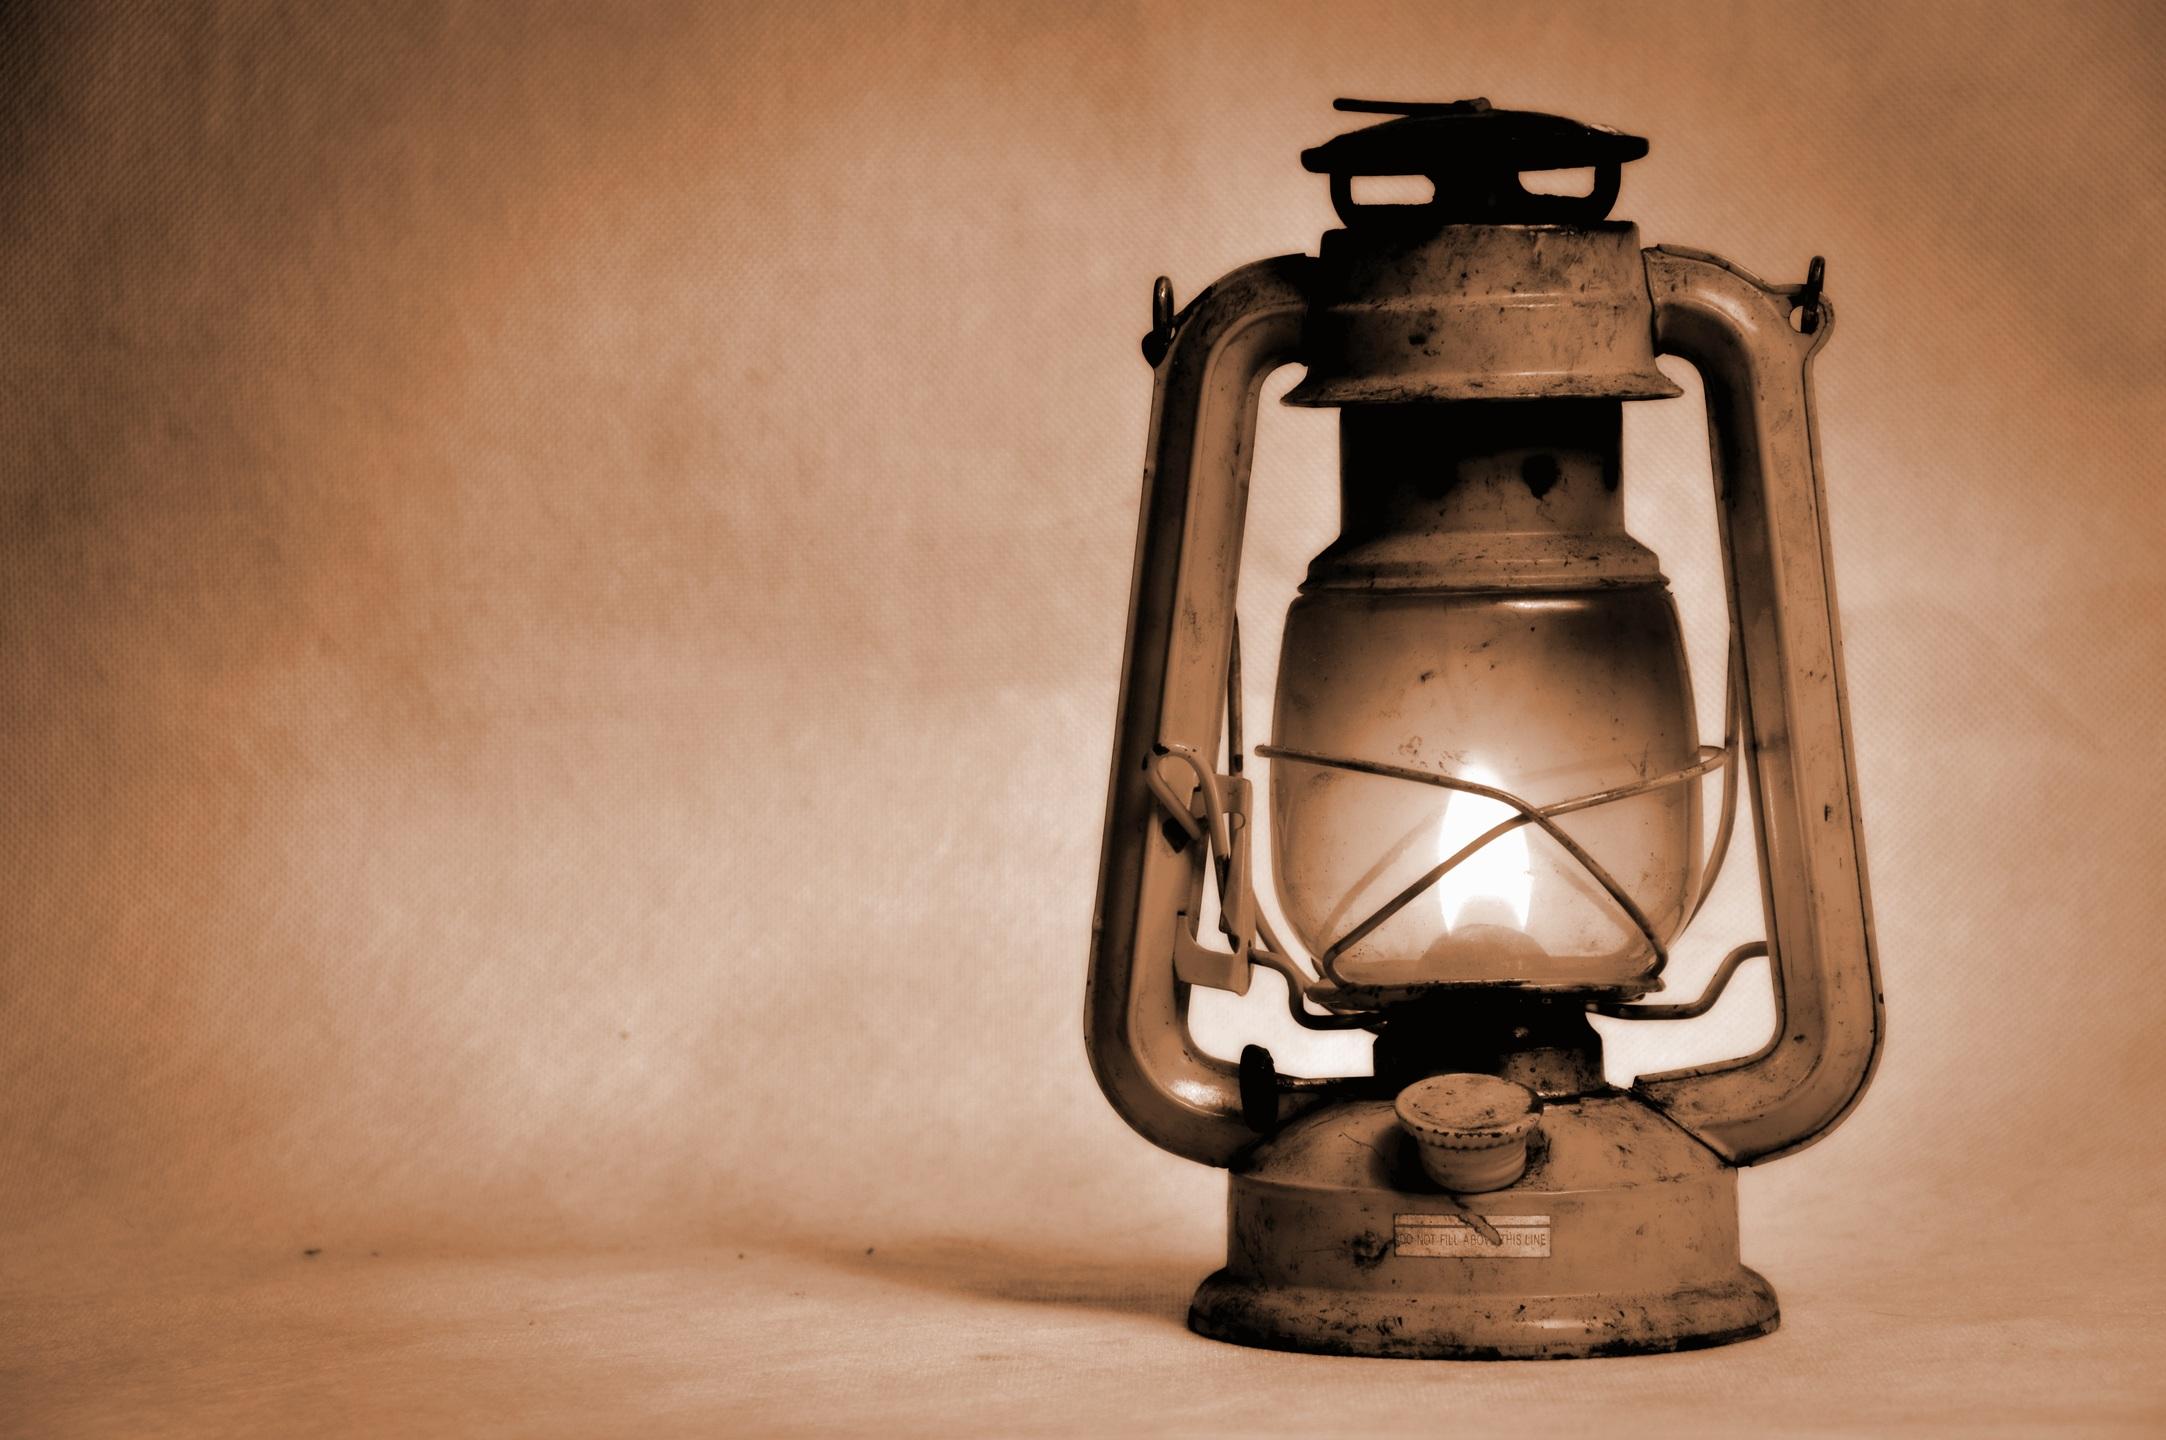 Las lámparas de queroseno contaminan el aire de las mujeres de Mozambique